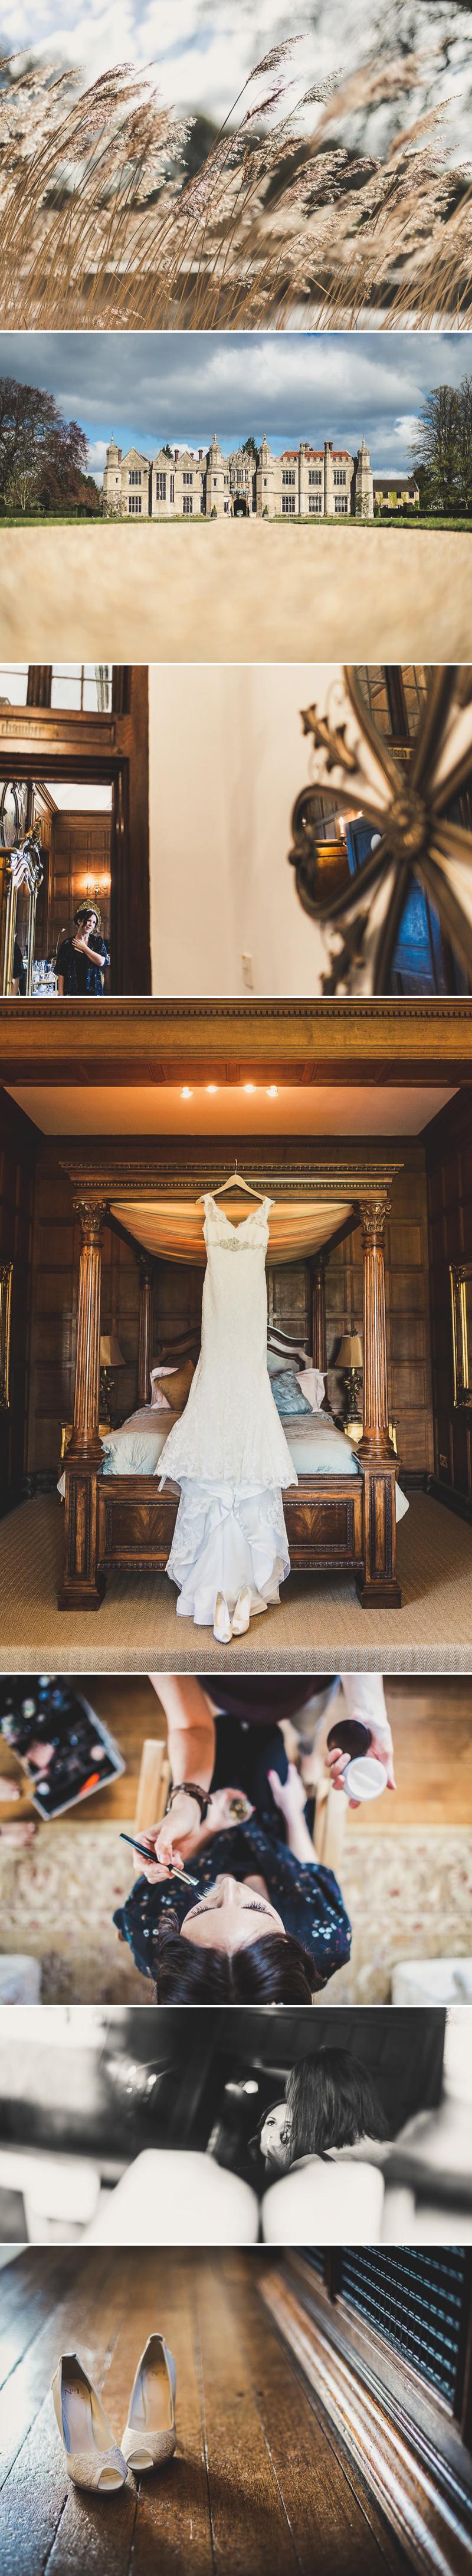 suffolk-wedding-venue-hengrave-hall-wedding-coco-wedding-venues-luis-holden-photography-001a